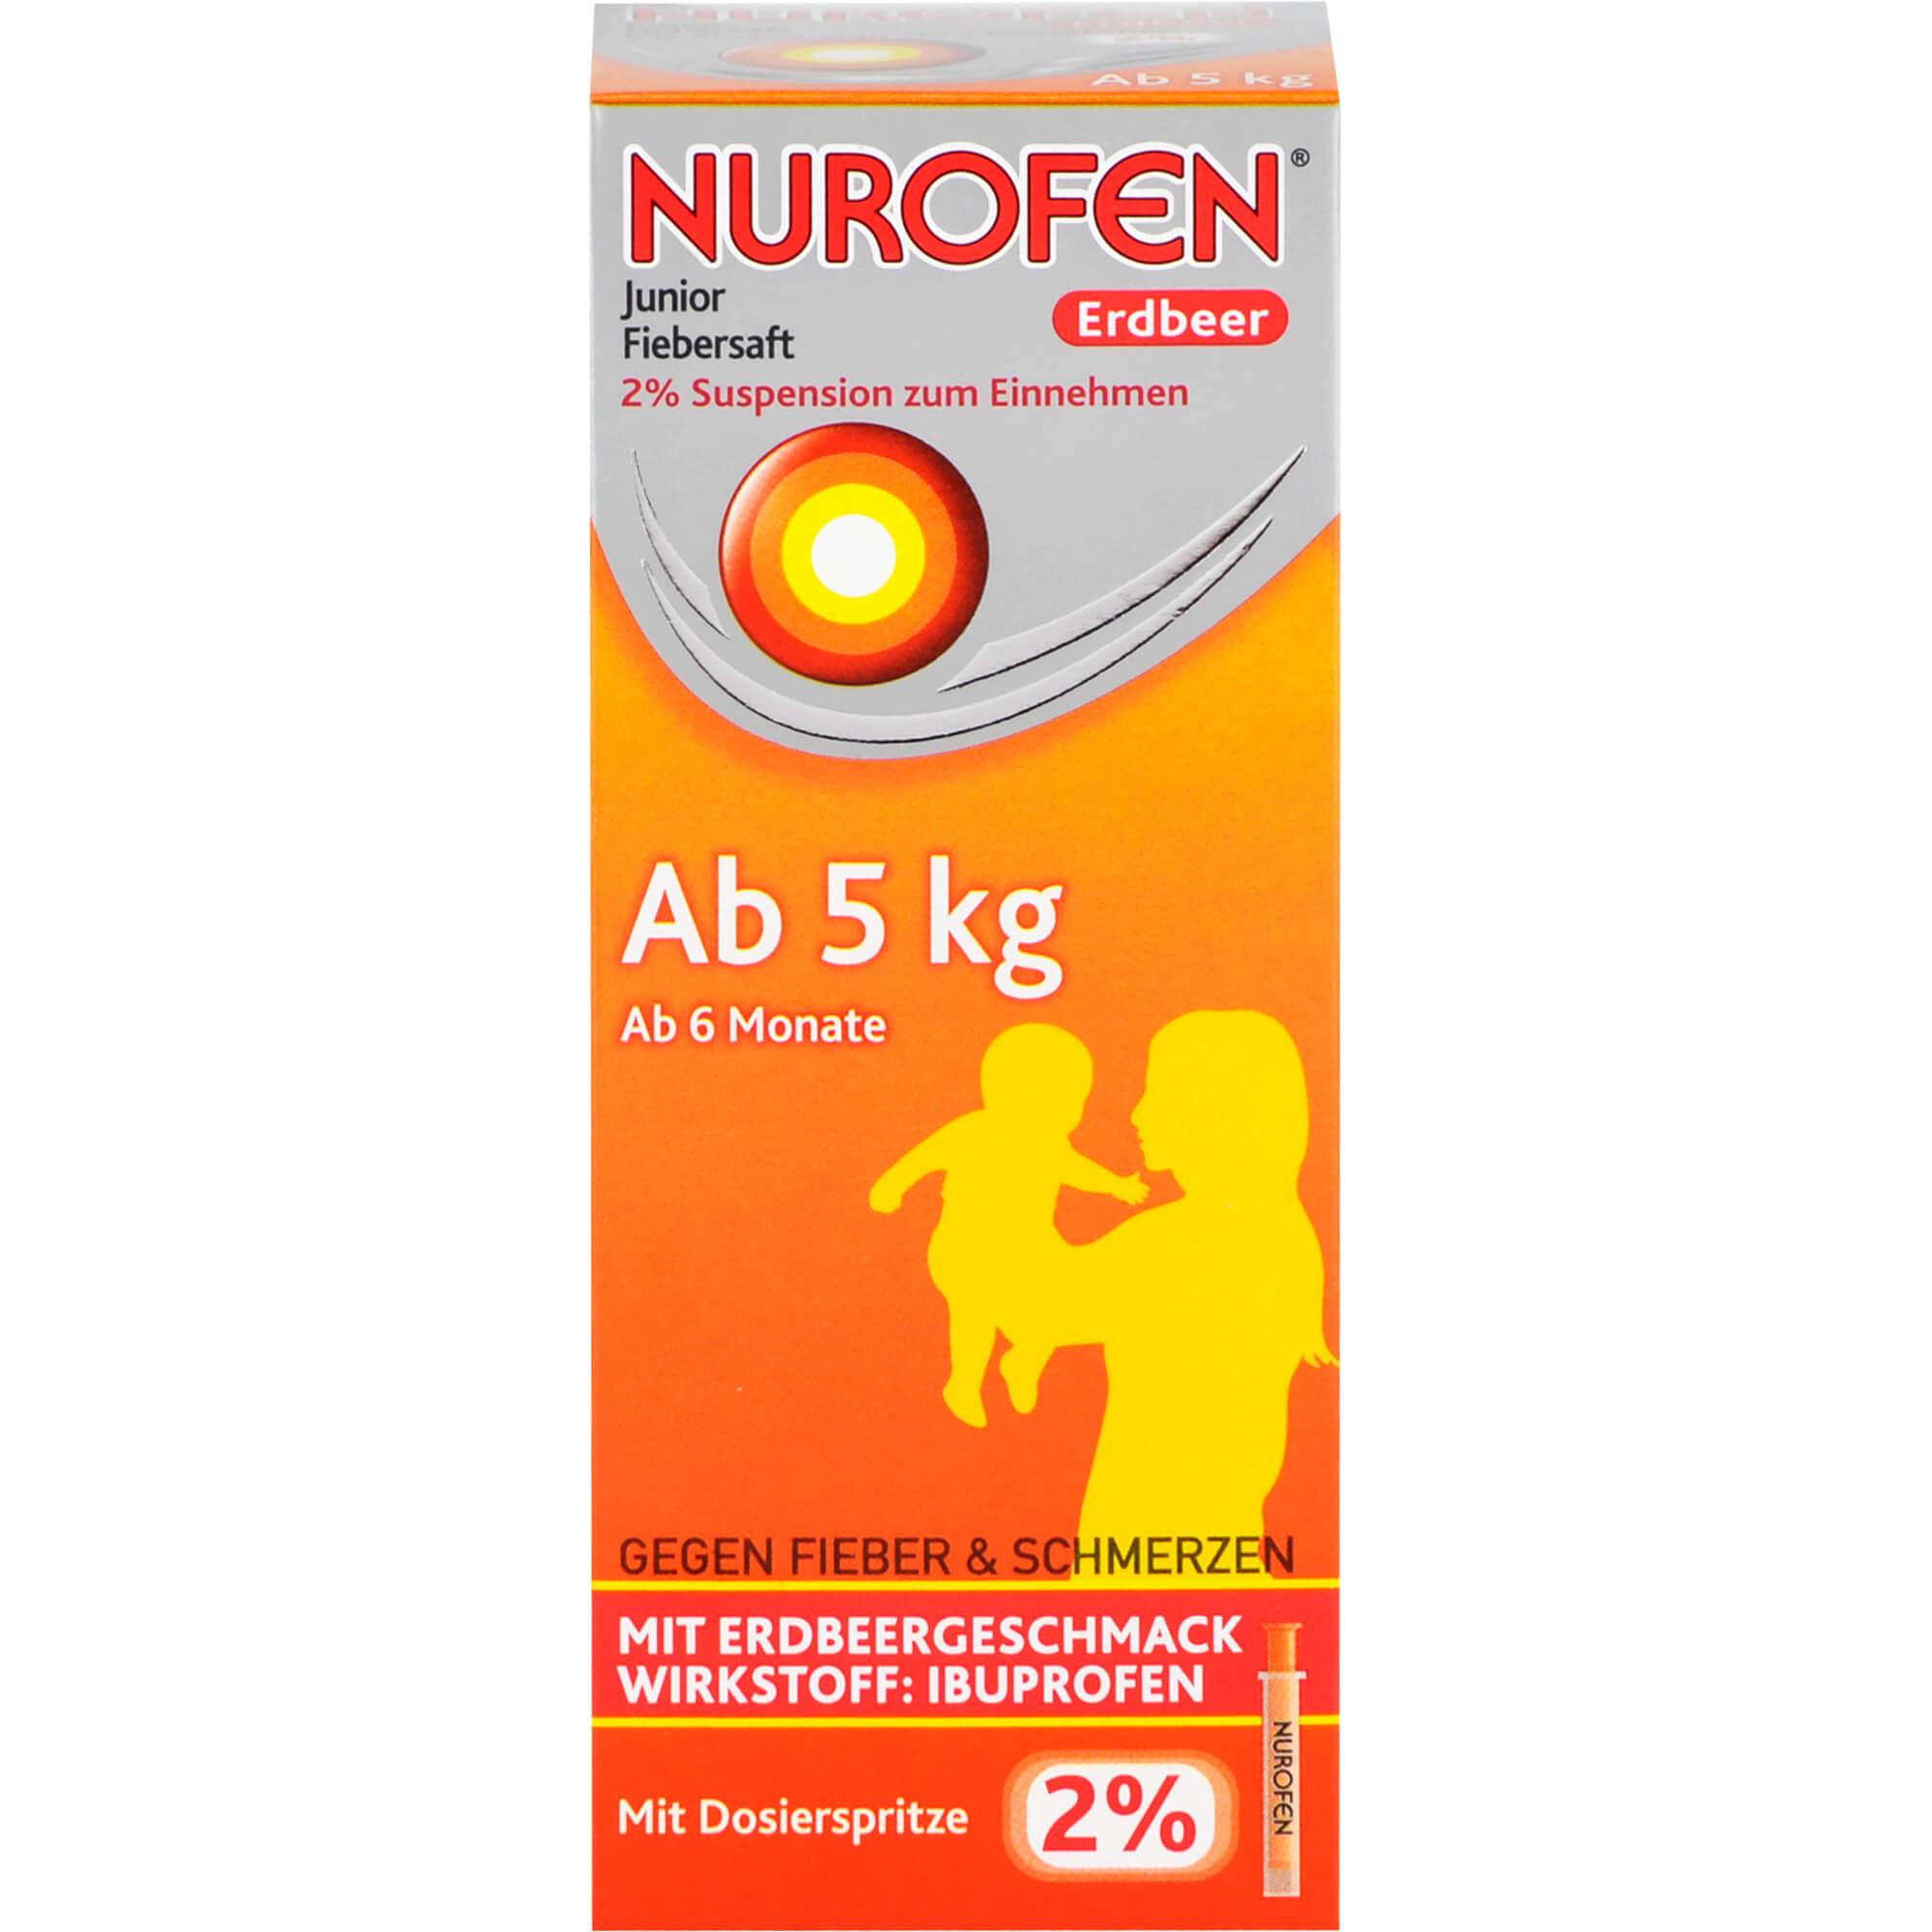 NUROFEN-Junior-Fiebersaft-Erdbeer-2